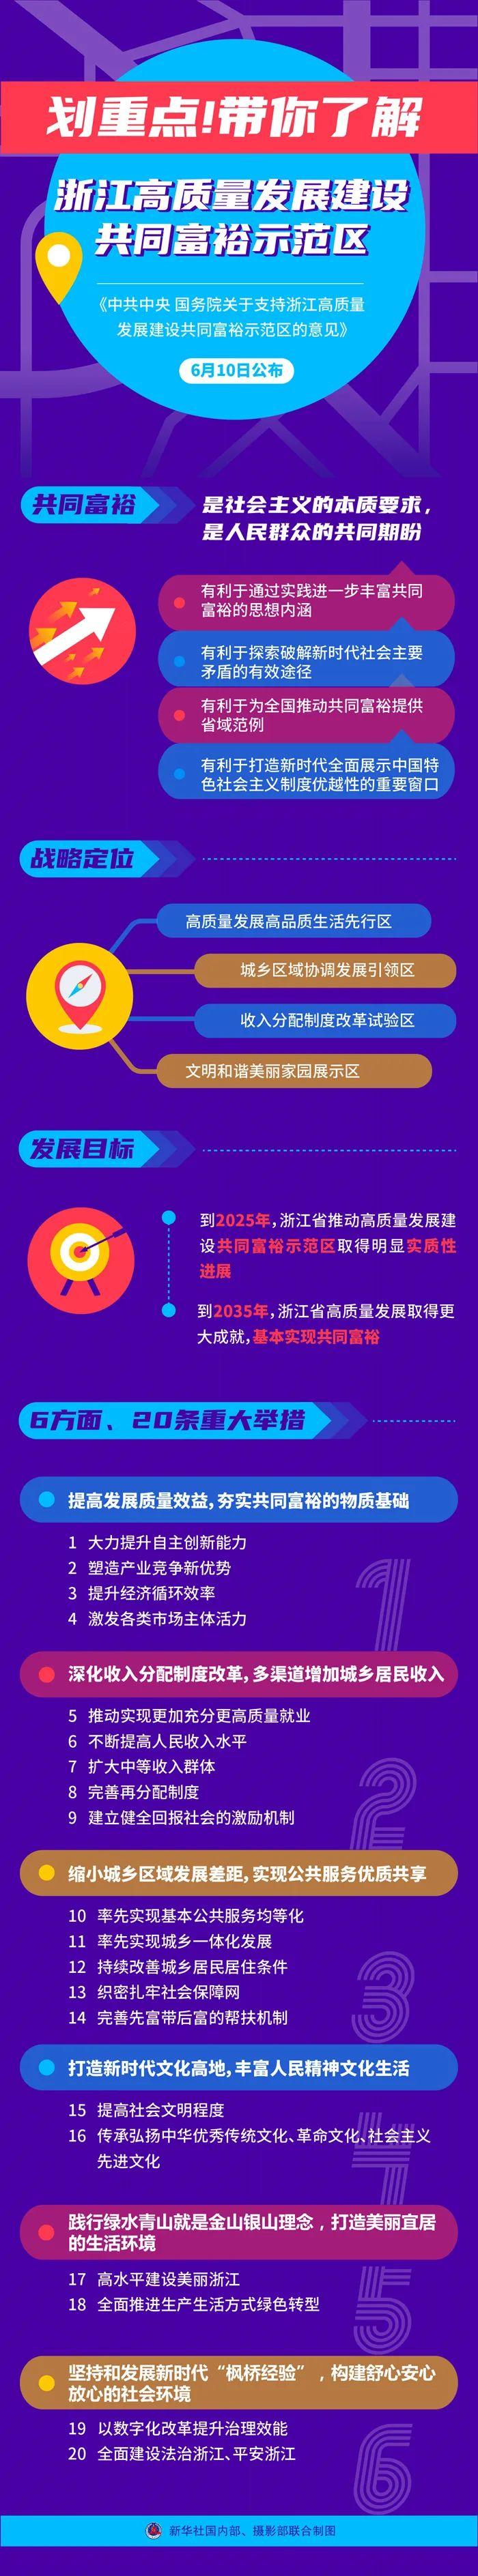 华信平台注册中央放大招:共同富裕示范区来了!8问8答为什么是浙江 这些A股有望受益!